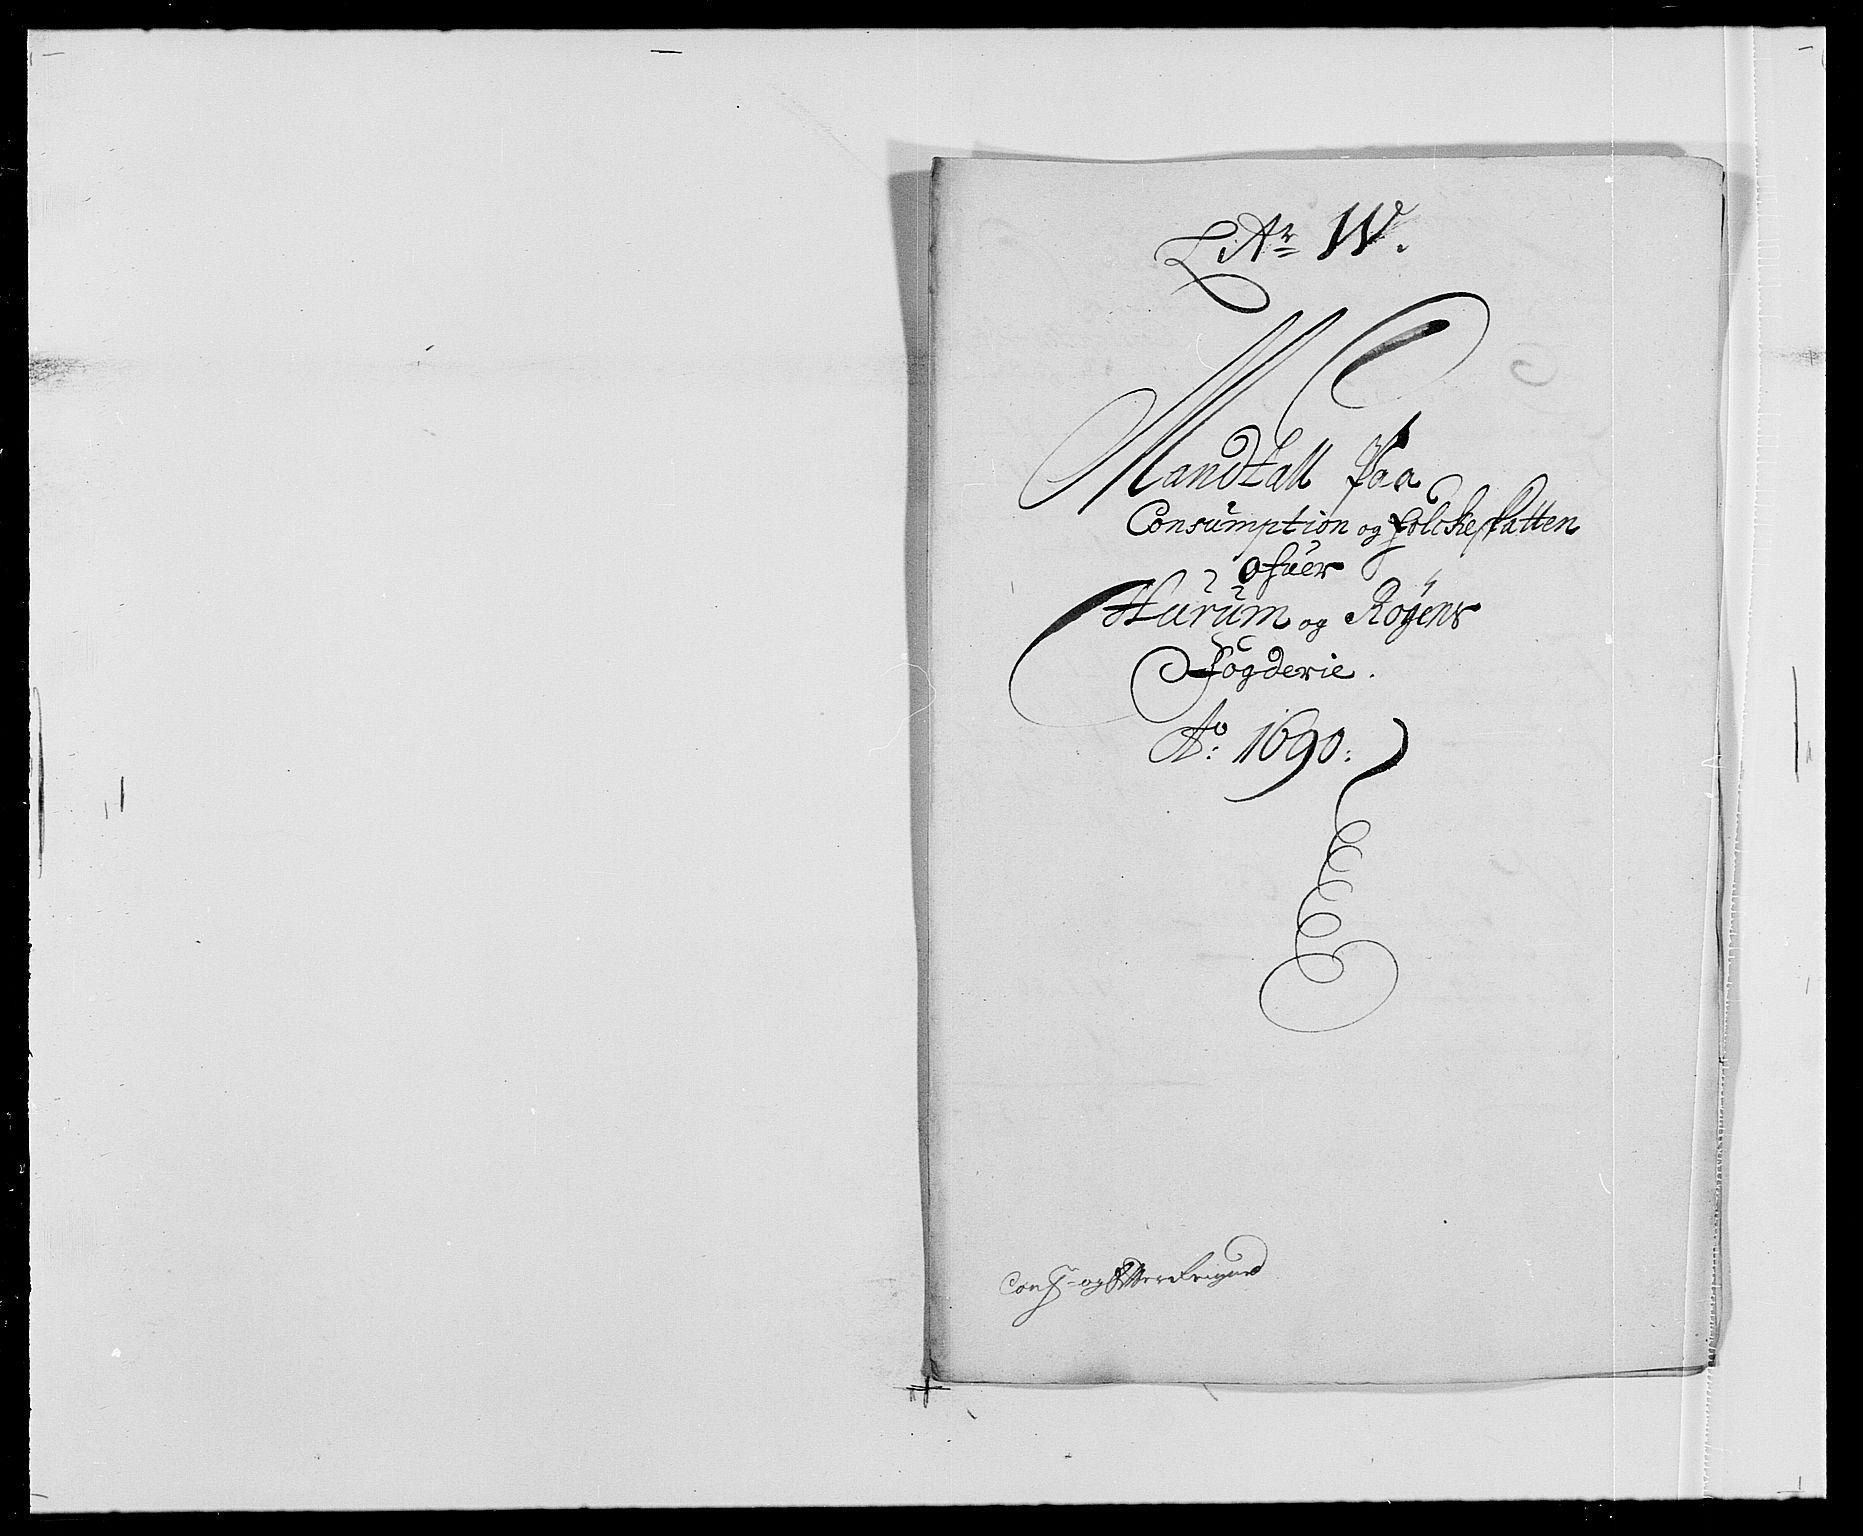 RA, Rentekammeret inntil 1814, Reviderte regnskaper, Fogderegnskap, R29/L1693: Fogderegnskap Hurum og Røyken, 1688-1693, s. 173